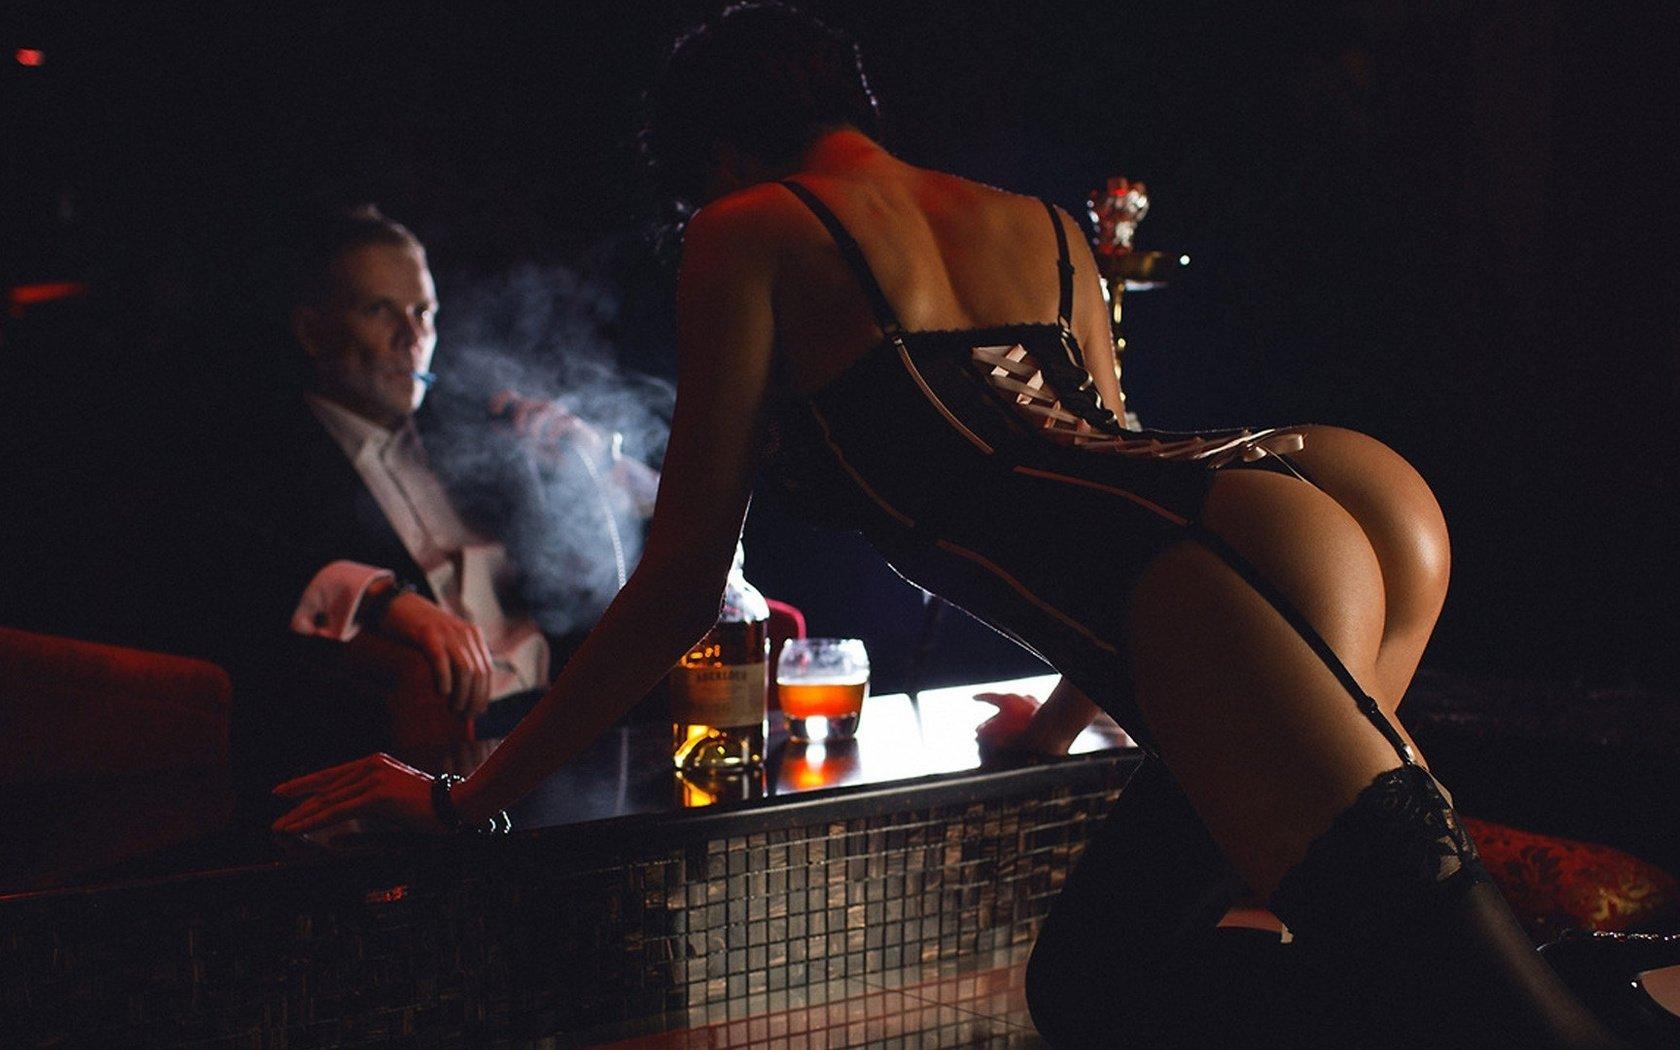 Смотреть порно коктейль у барной стойки